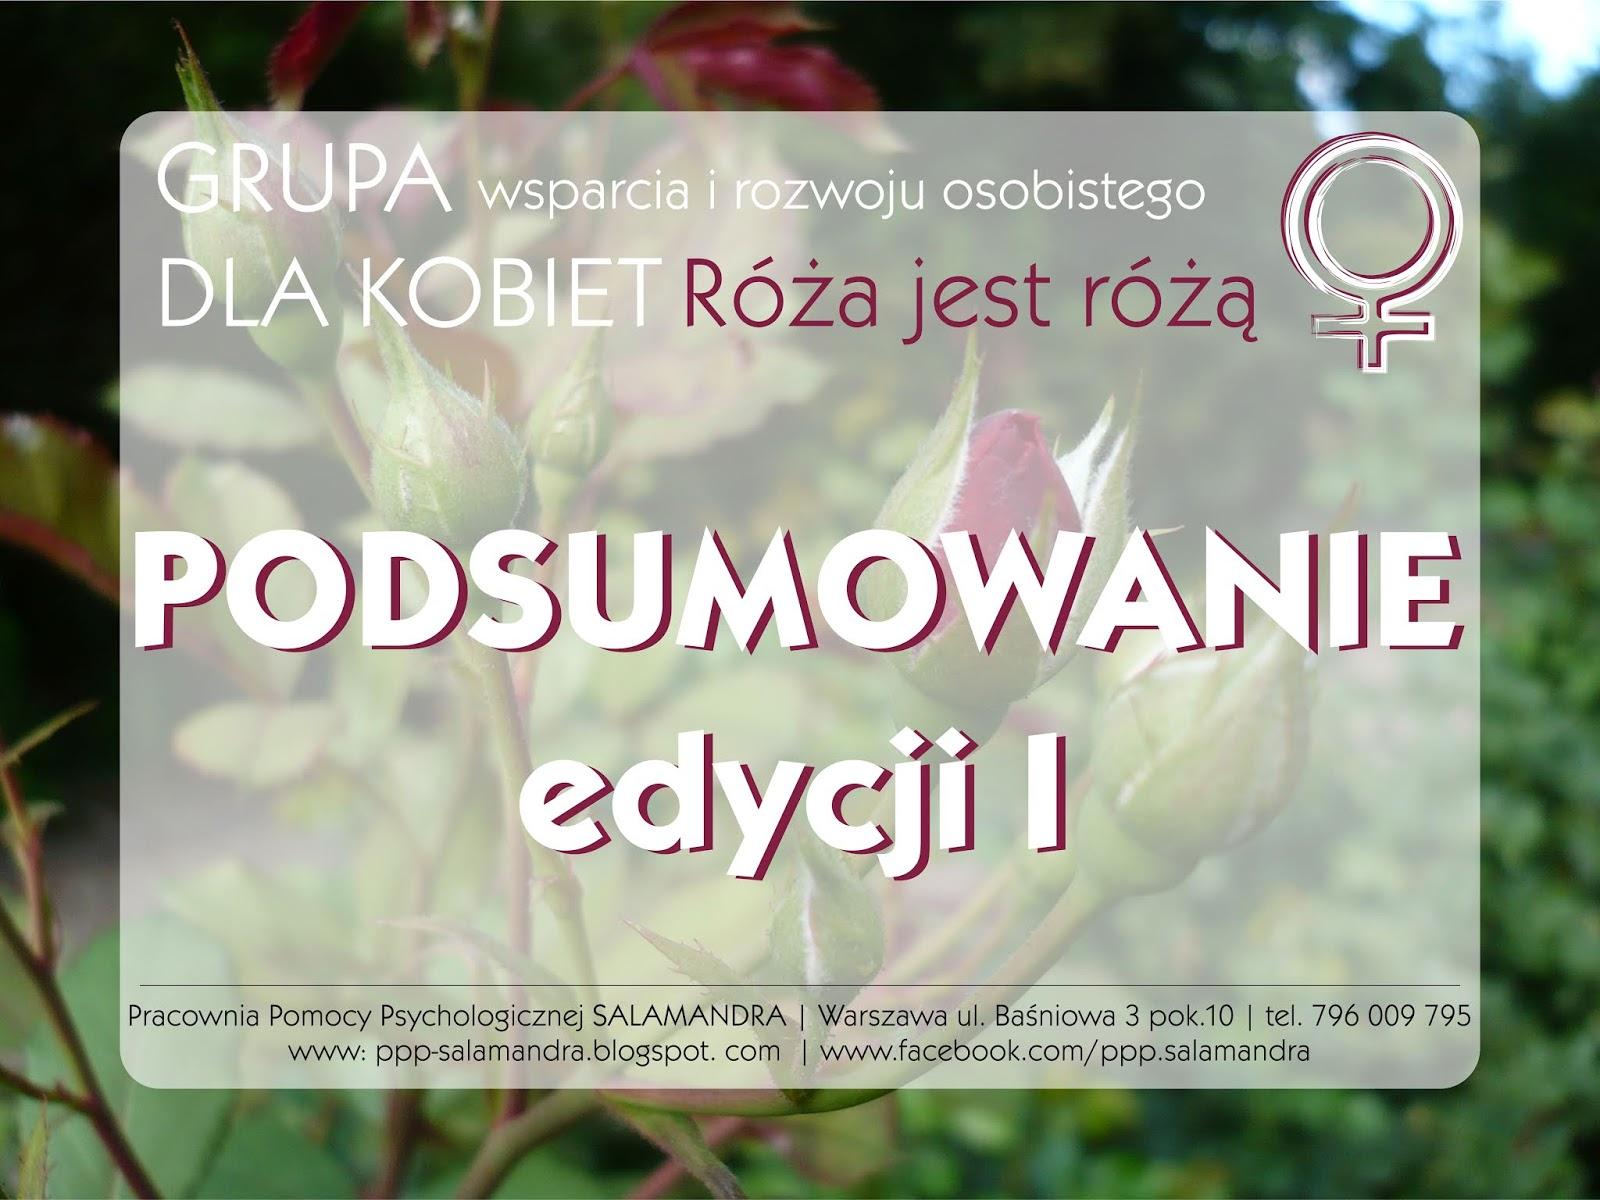 """Grupa wsparcia i rozwoju osobistego dla kobiet """"Róża jest różą"""" - podsumowanie I edycji"""